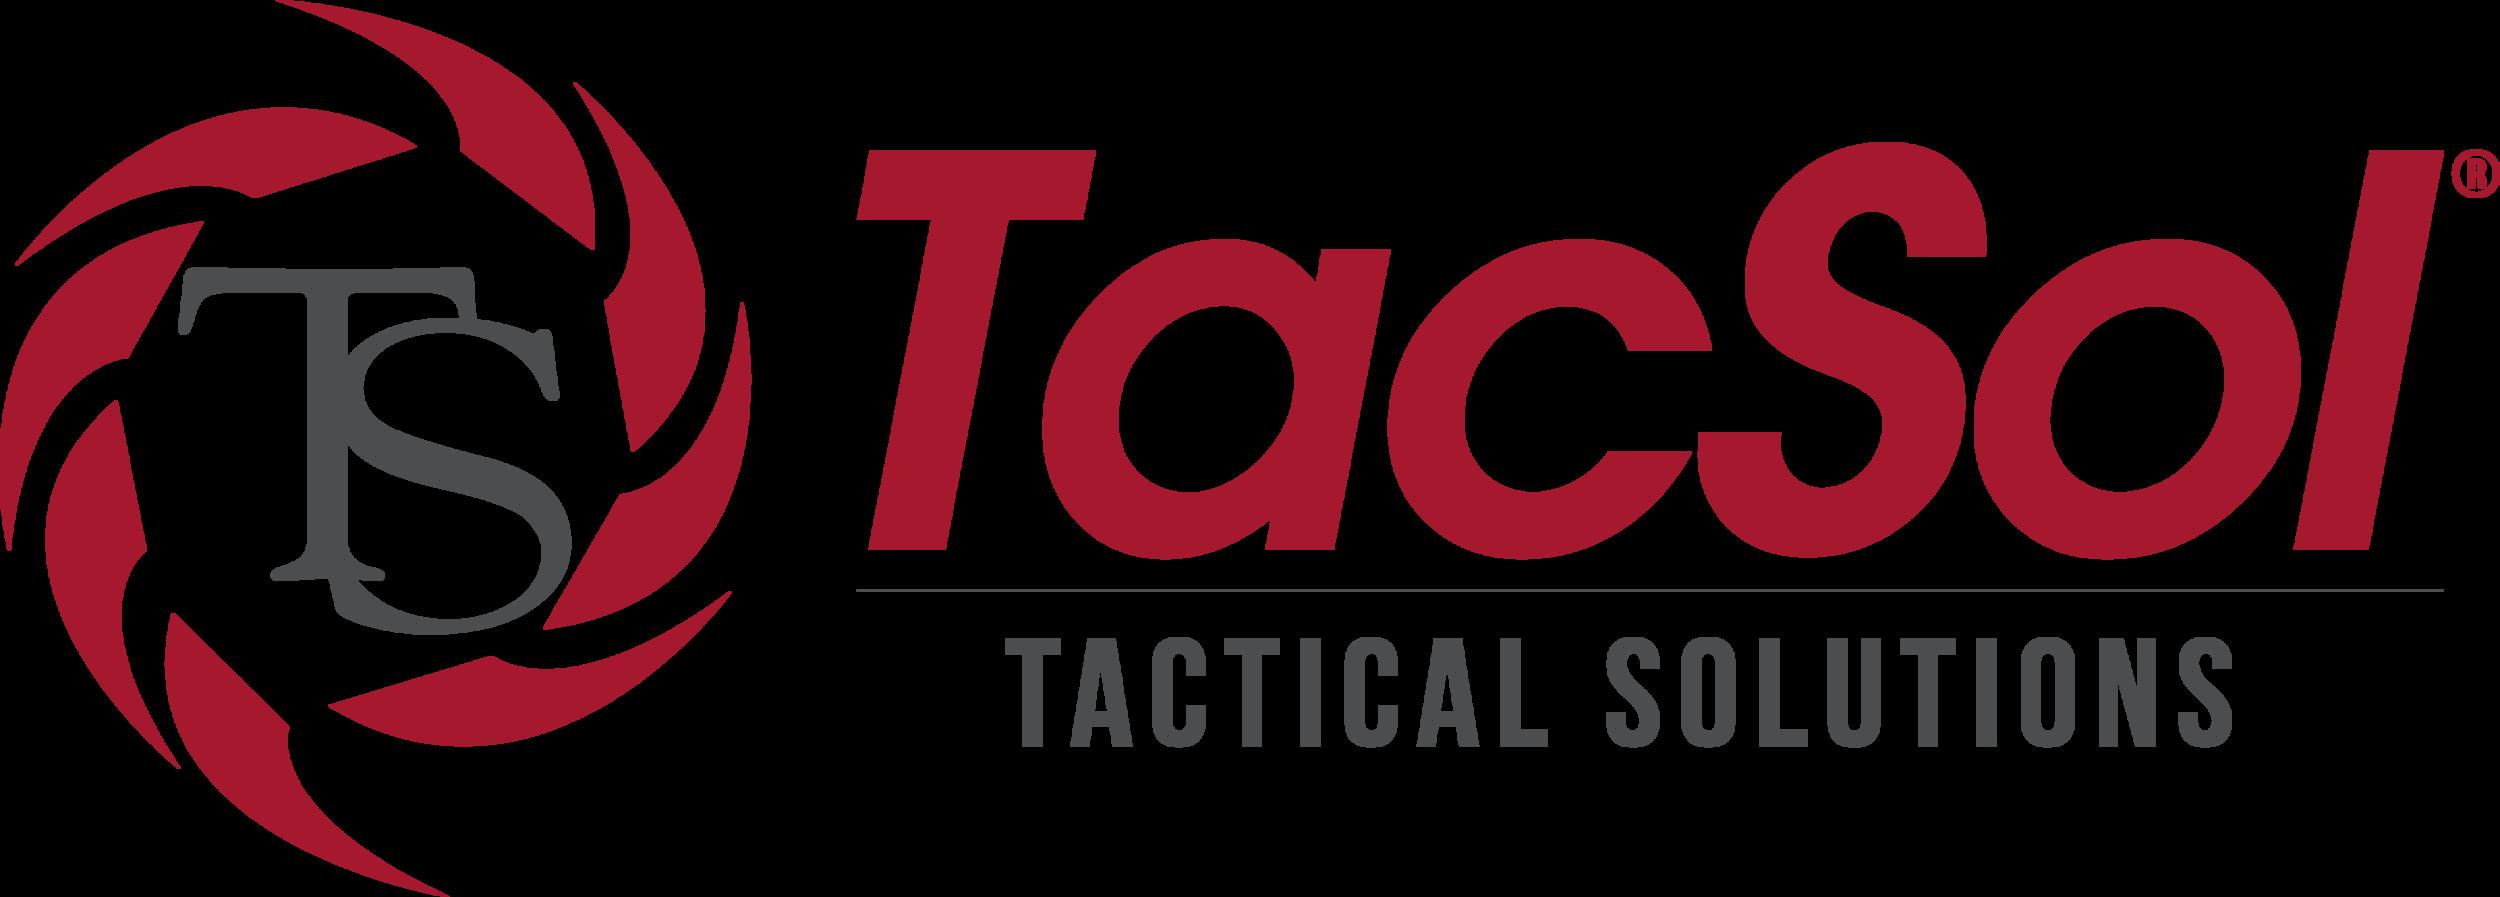 TACSOL_TS-SWIRL.png